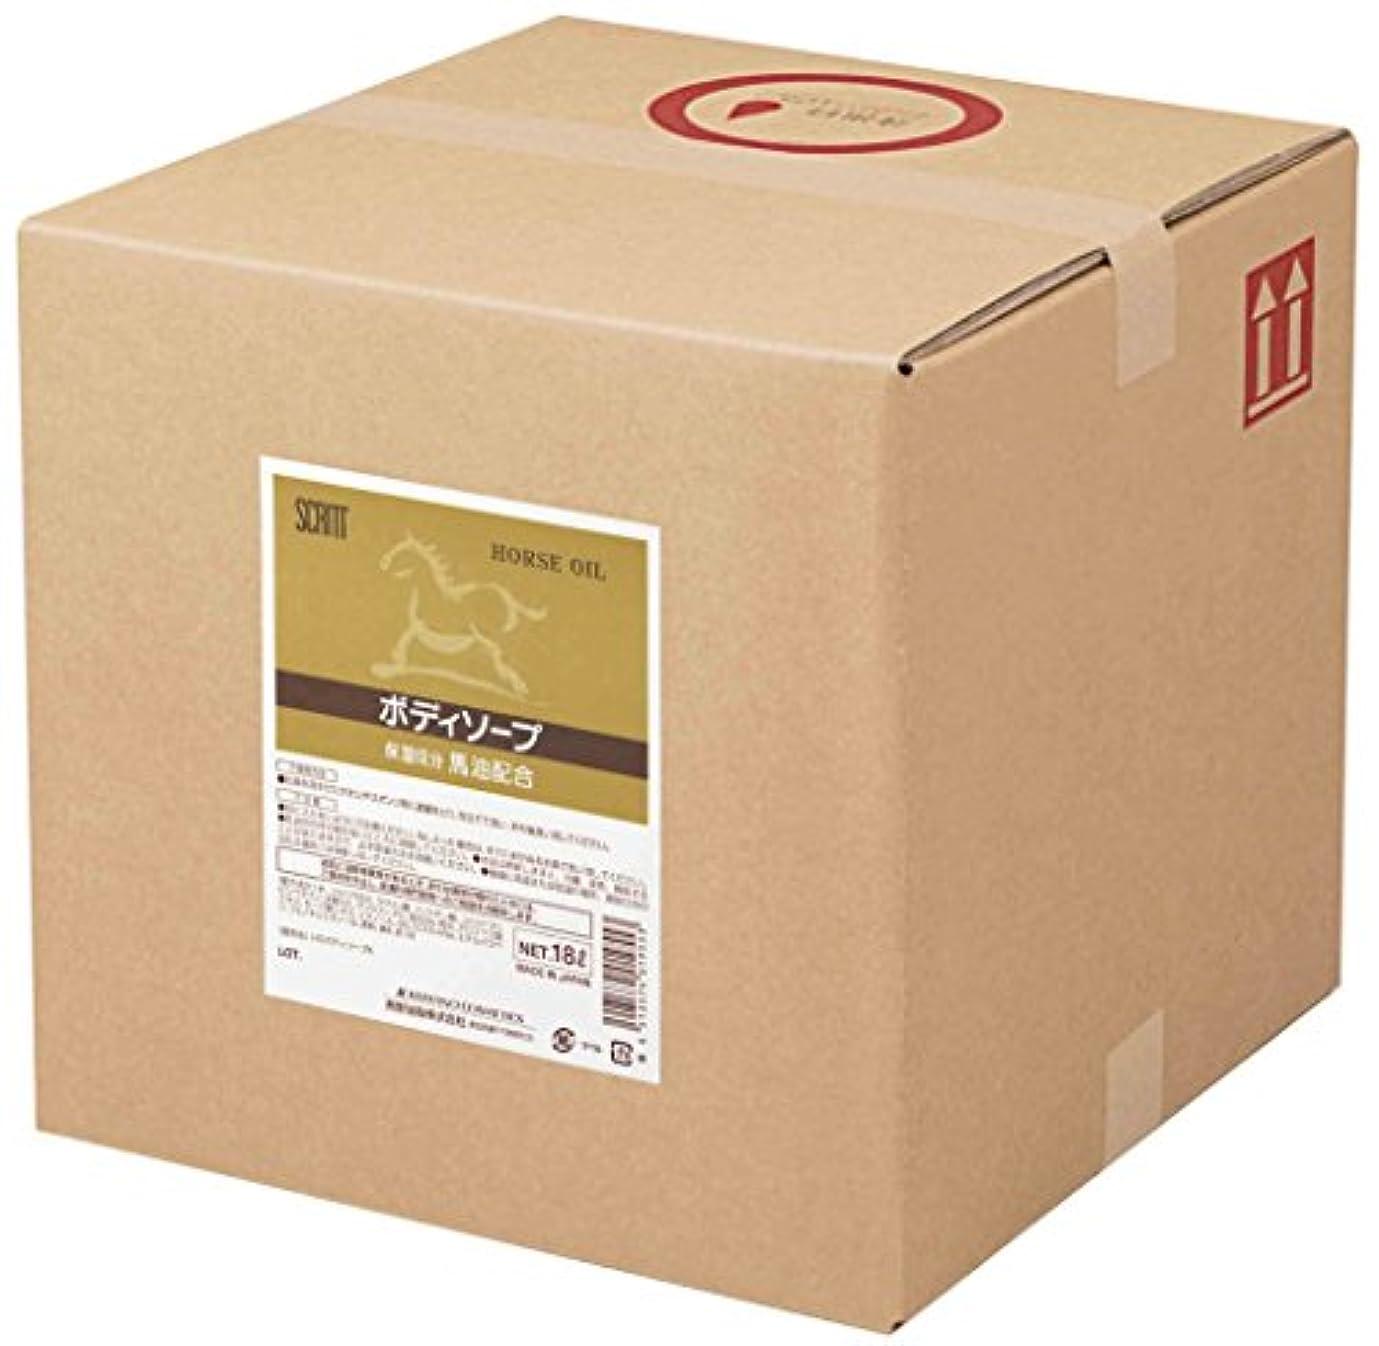 熊野油脂 業務用 SCRITT(スクリット) 馬油ボディソープ 18L